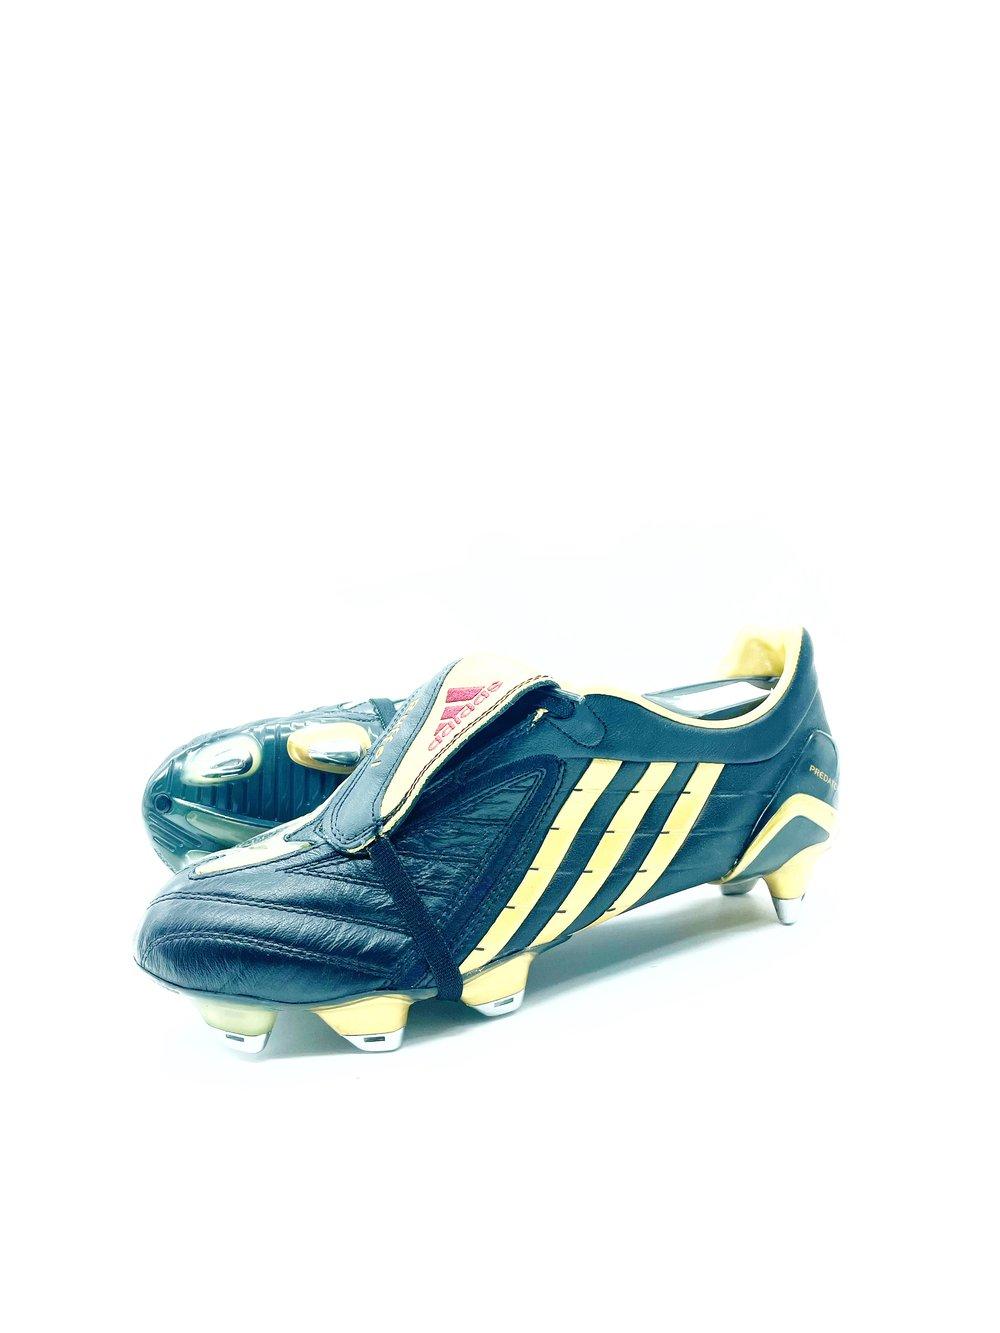 Image of Adidas Predator Powerswerve Rome Sg